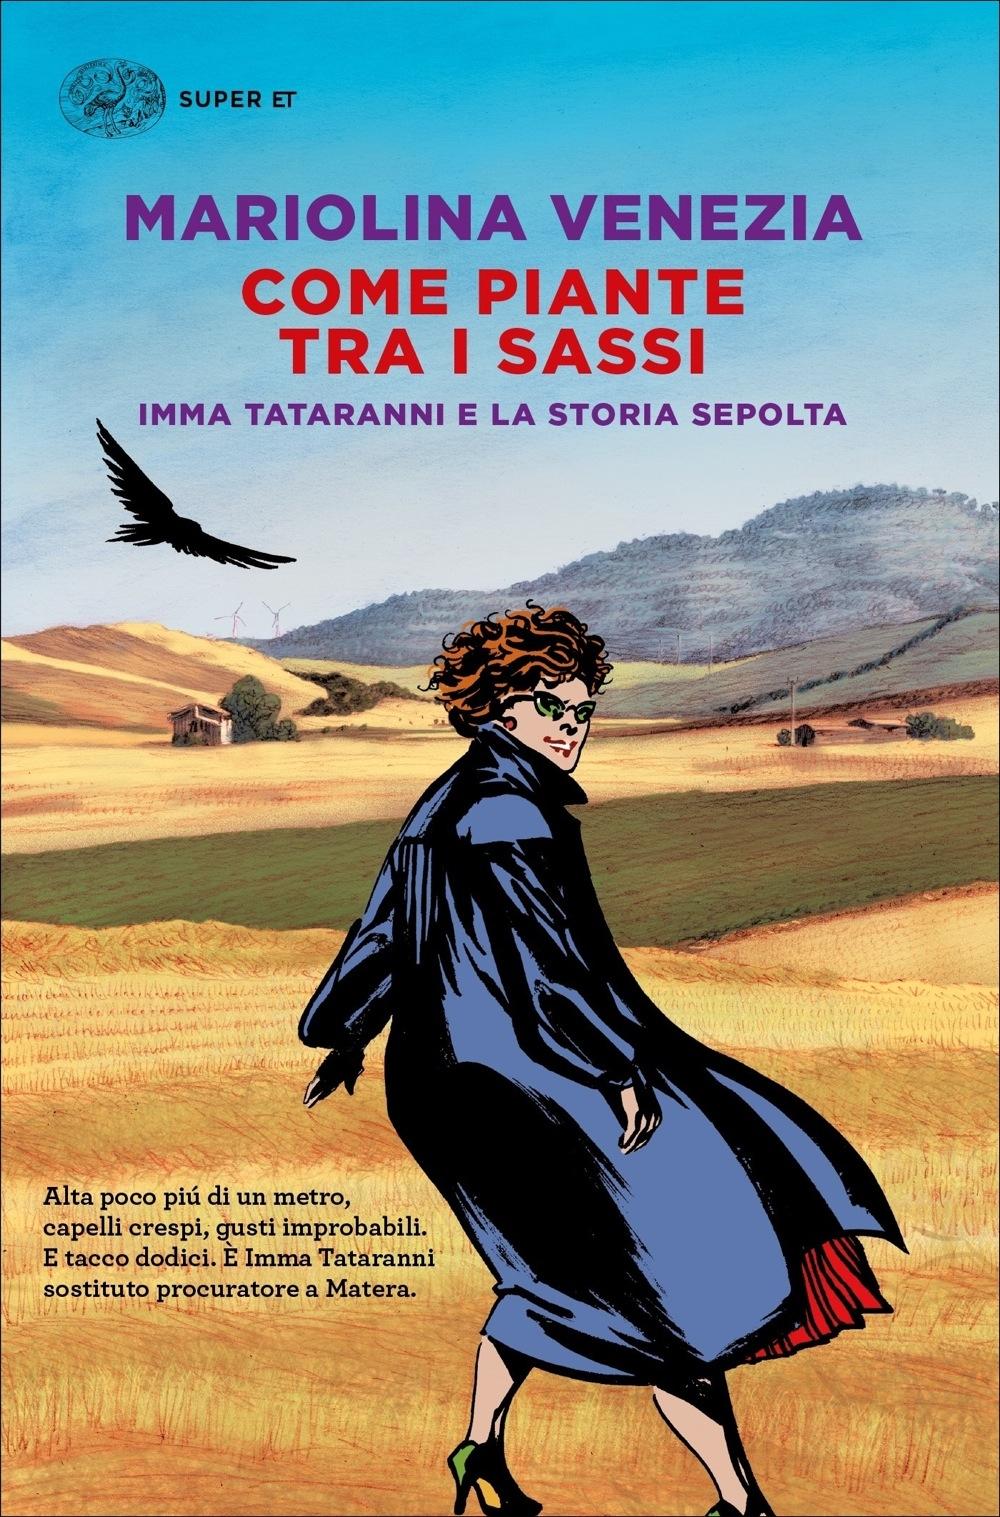 Invito alla lettura: Come piante tra i sassi, di Mariolina Venezia